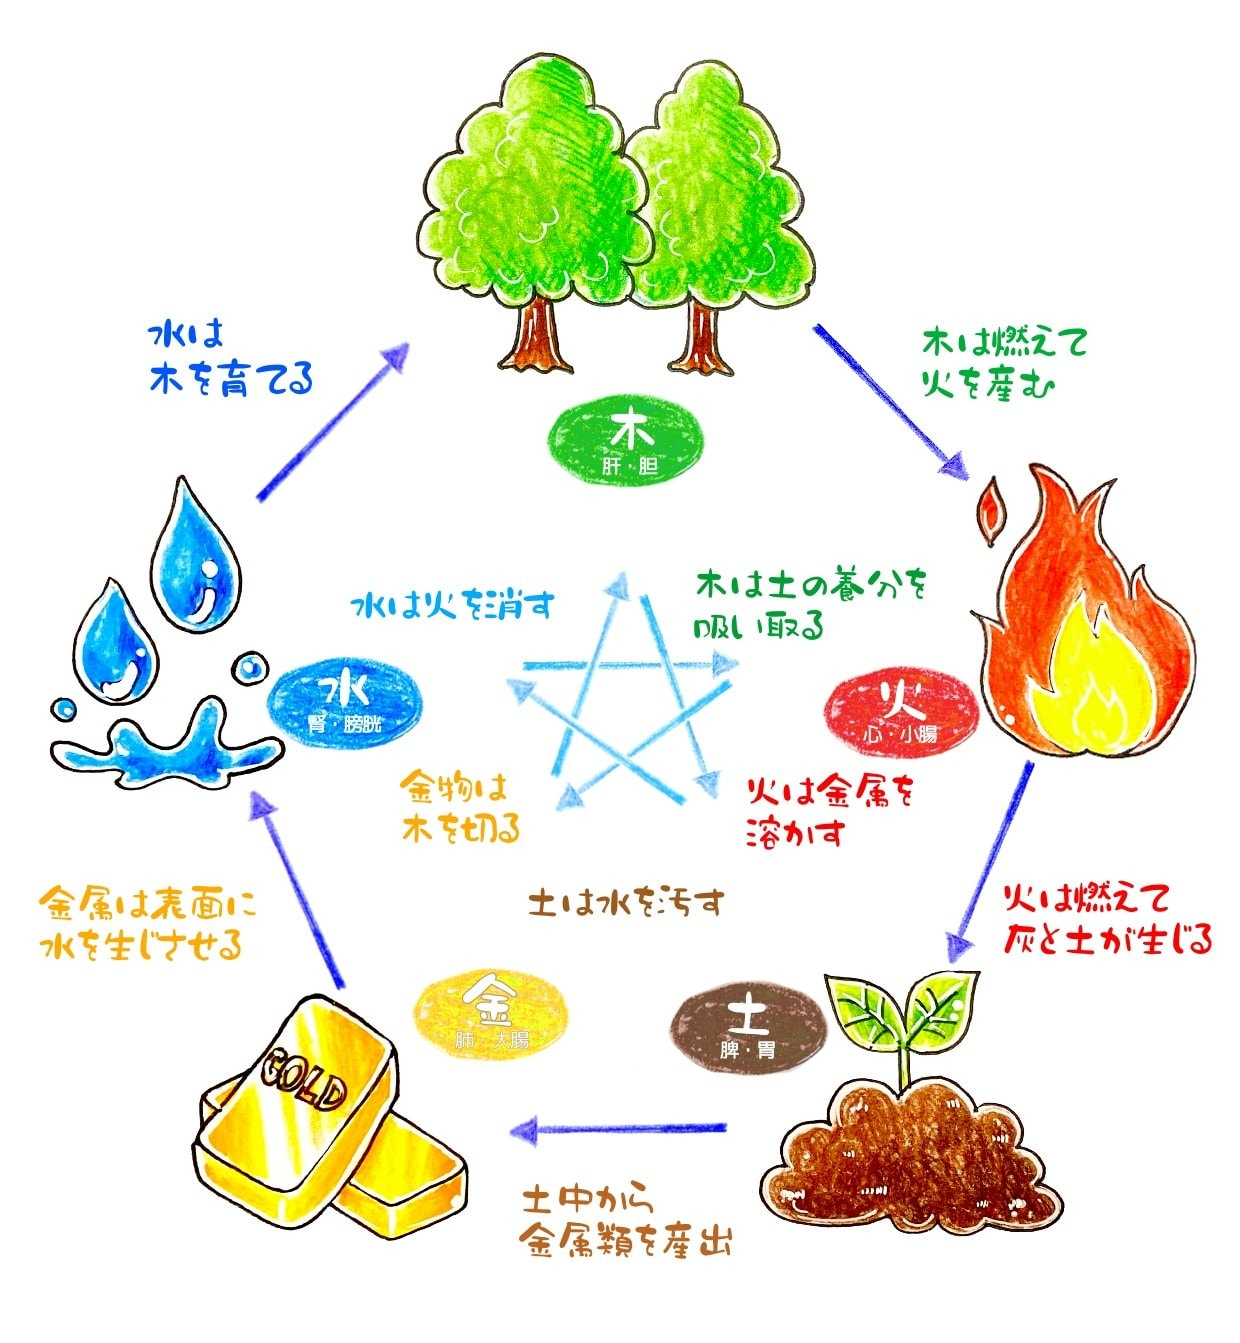 【オンライン講座】マクロビオティックの陰陽五行(全6回)のイメージその1